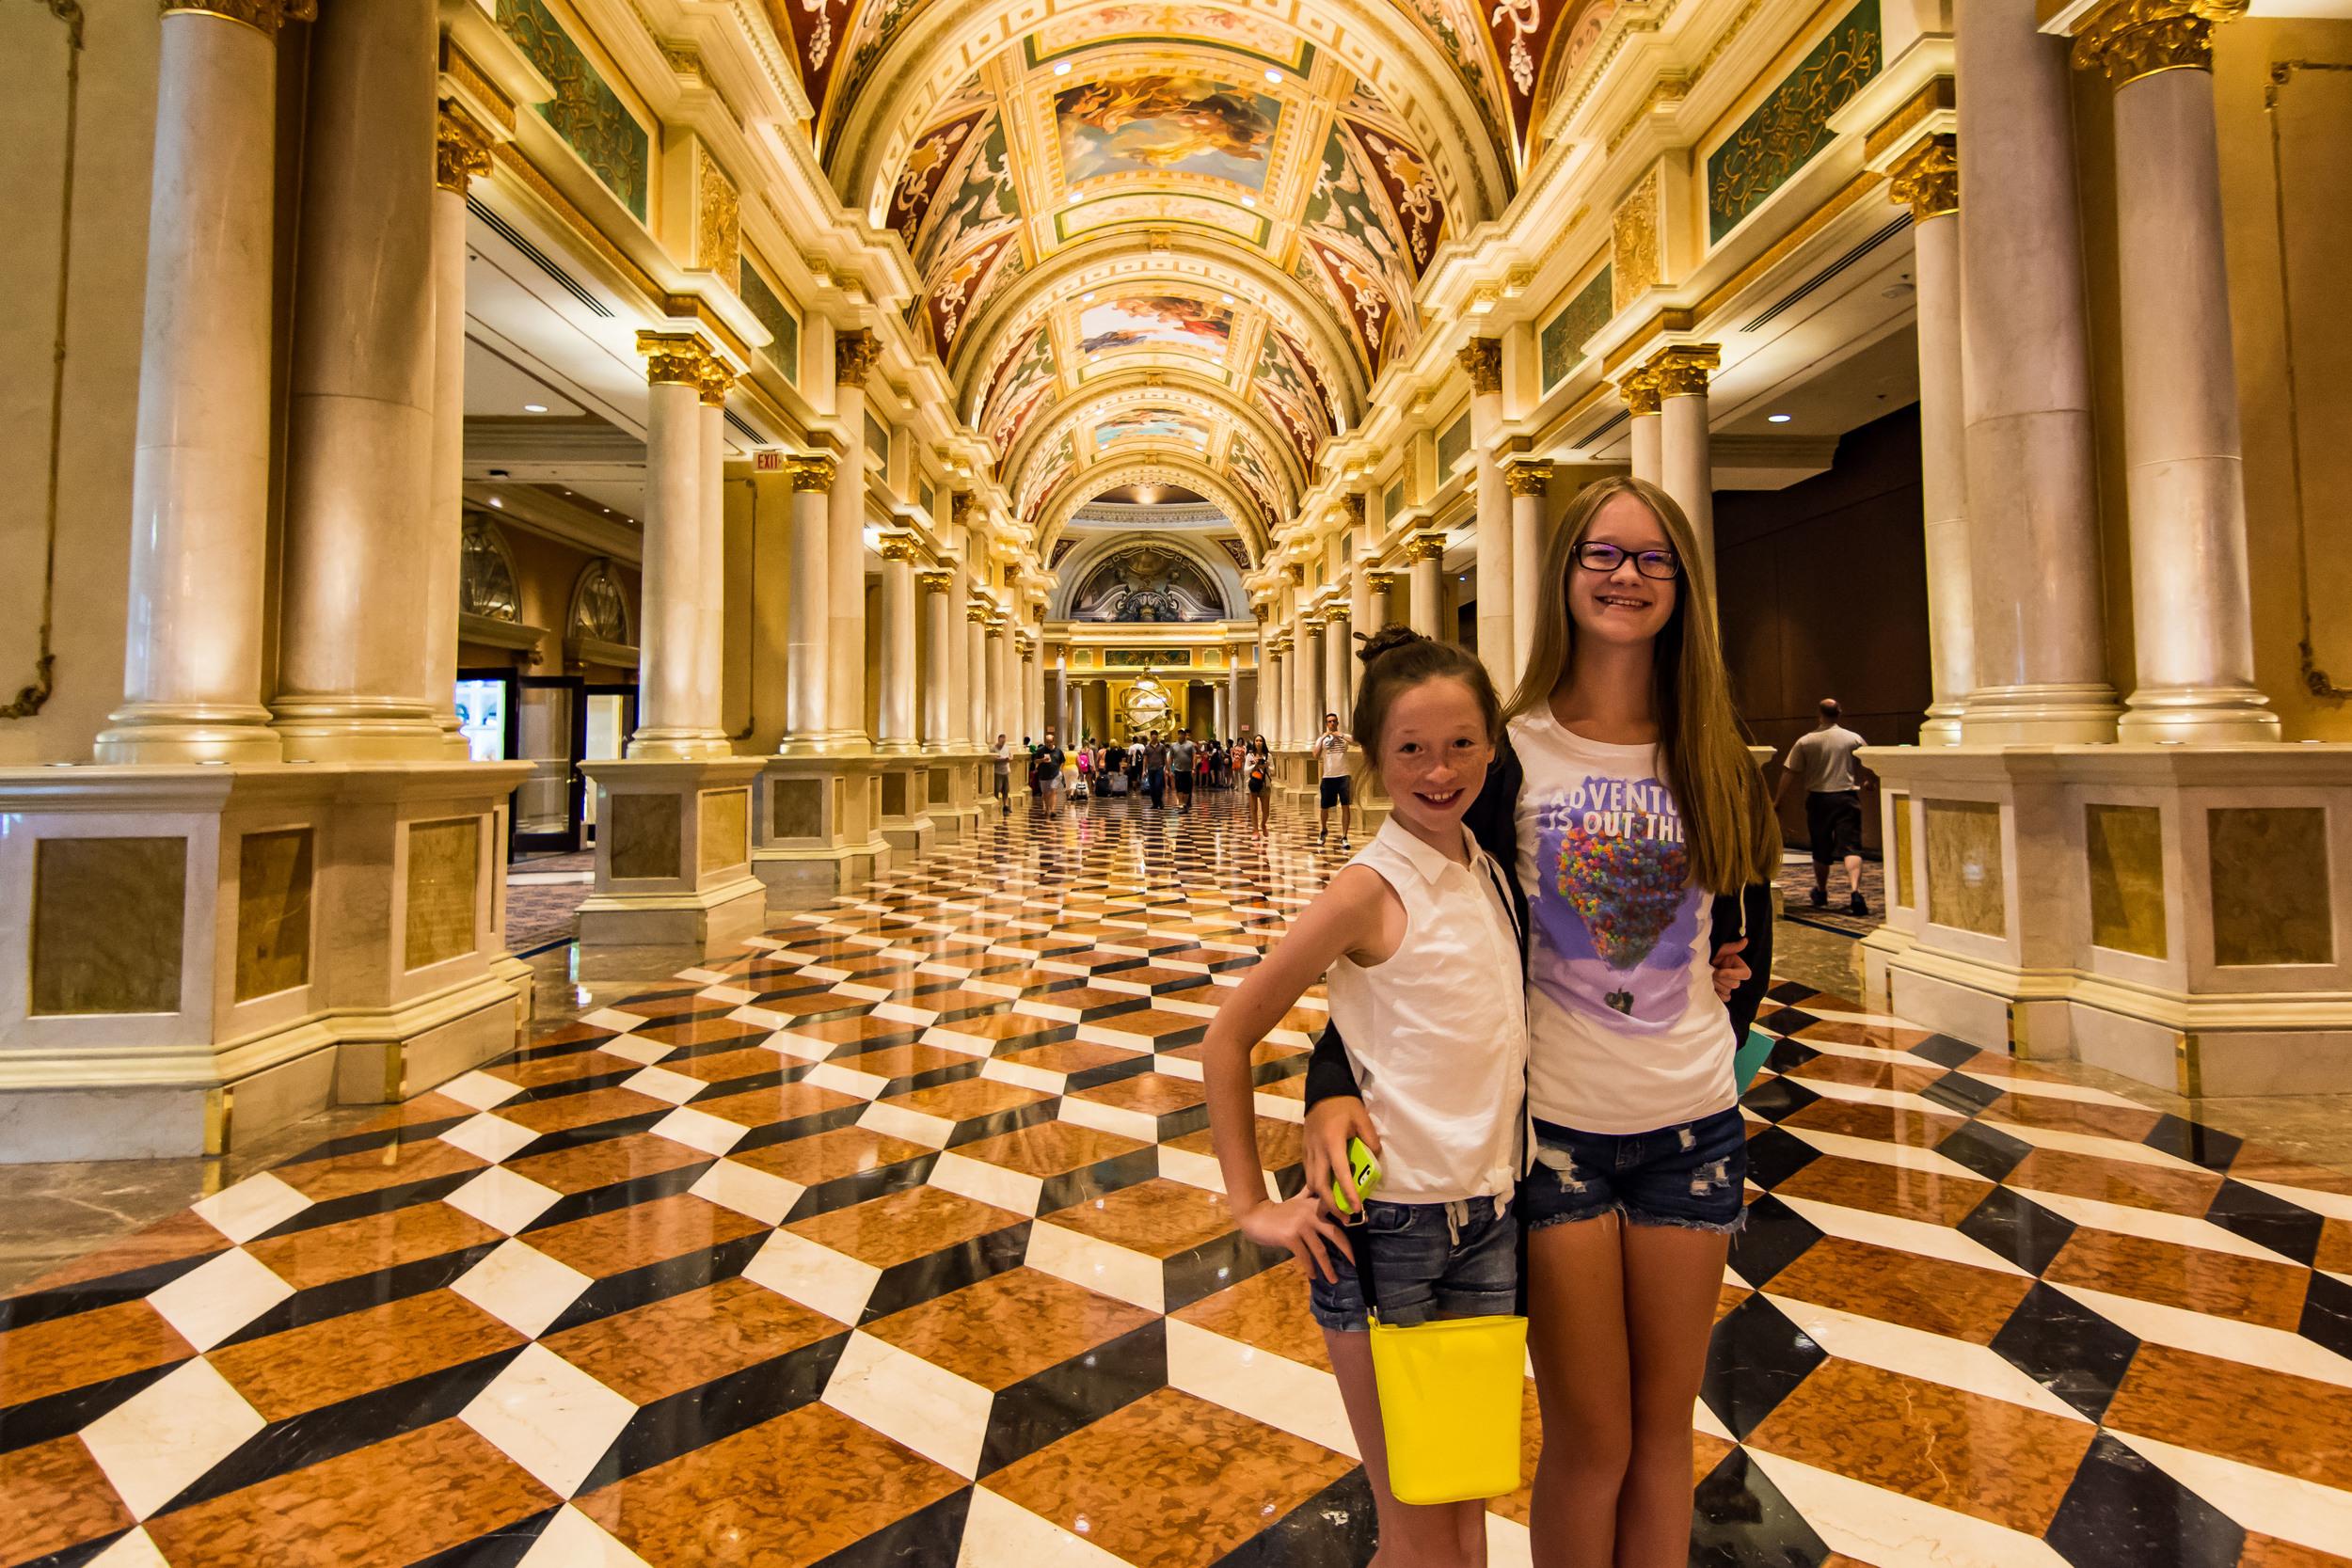 The lobby at The Venetian. Swanky.